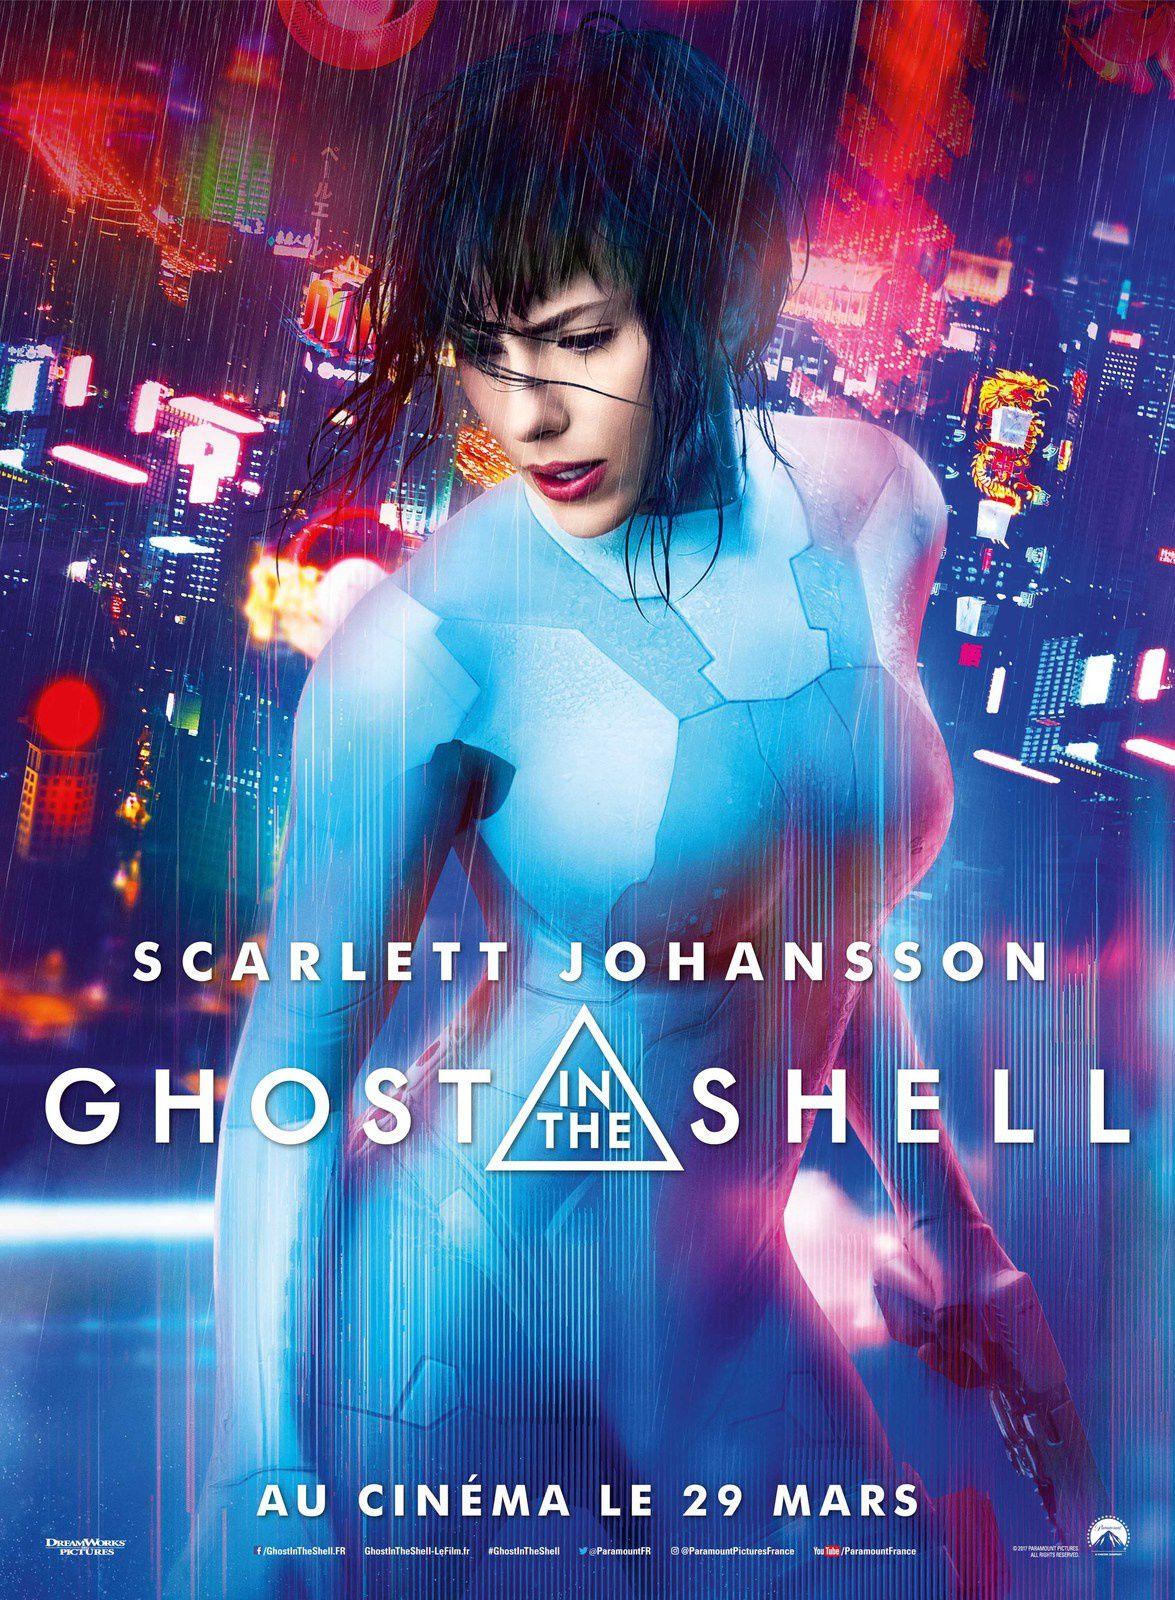 Dans les salles ce mercredi : le film Ghost in the Shell, avec Scarlett Johansson.